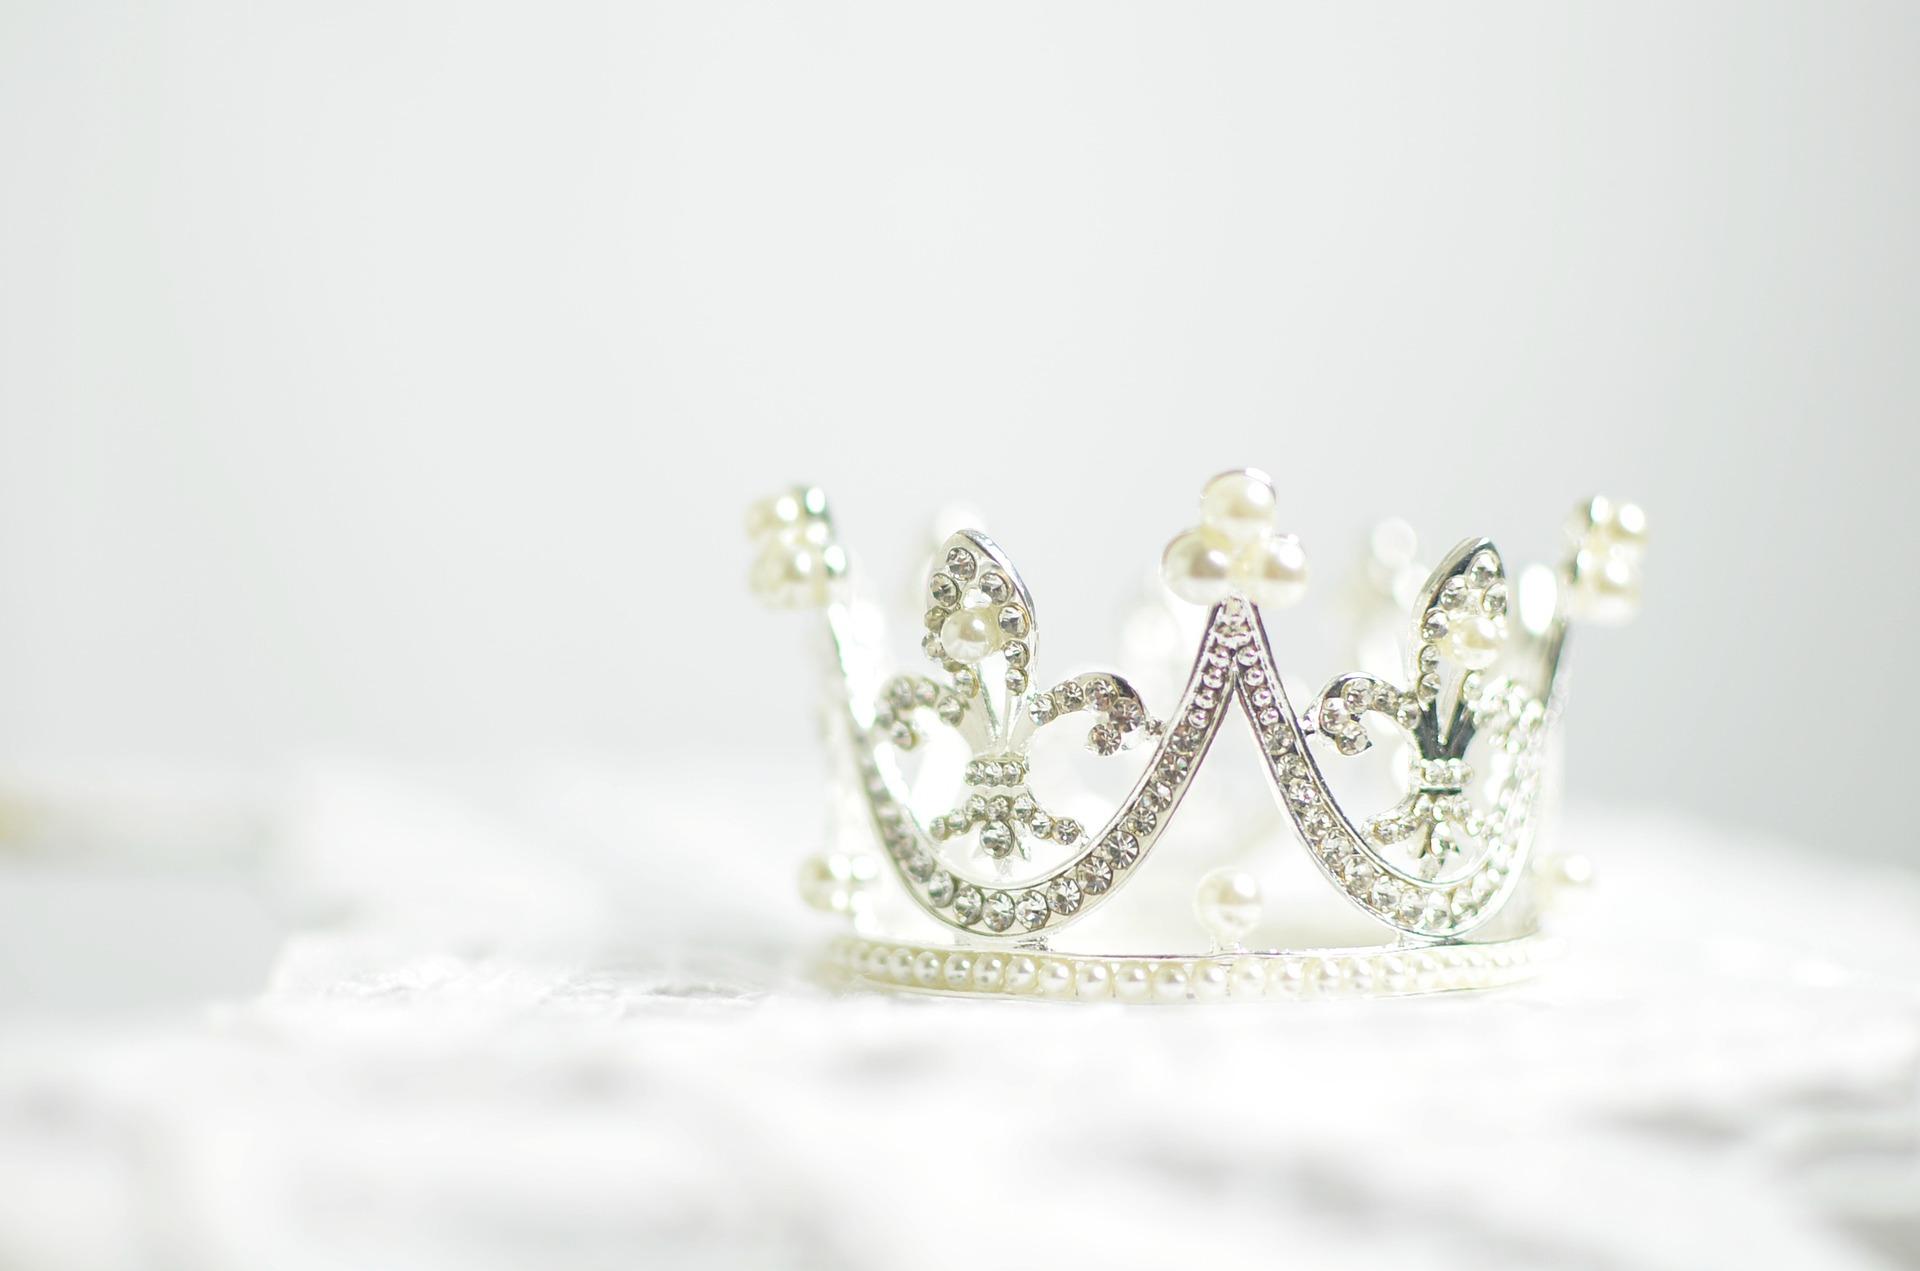 crown-1866986_1920